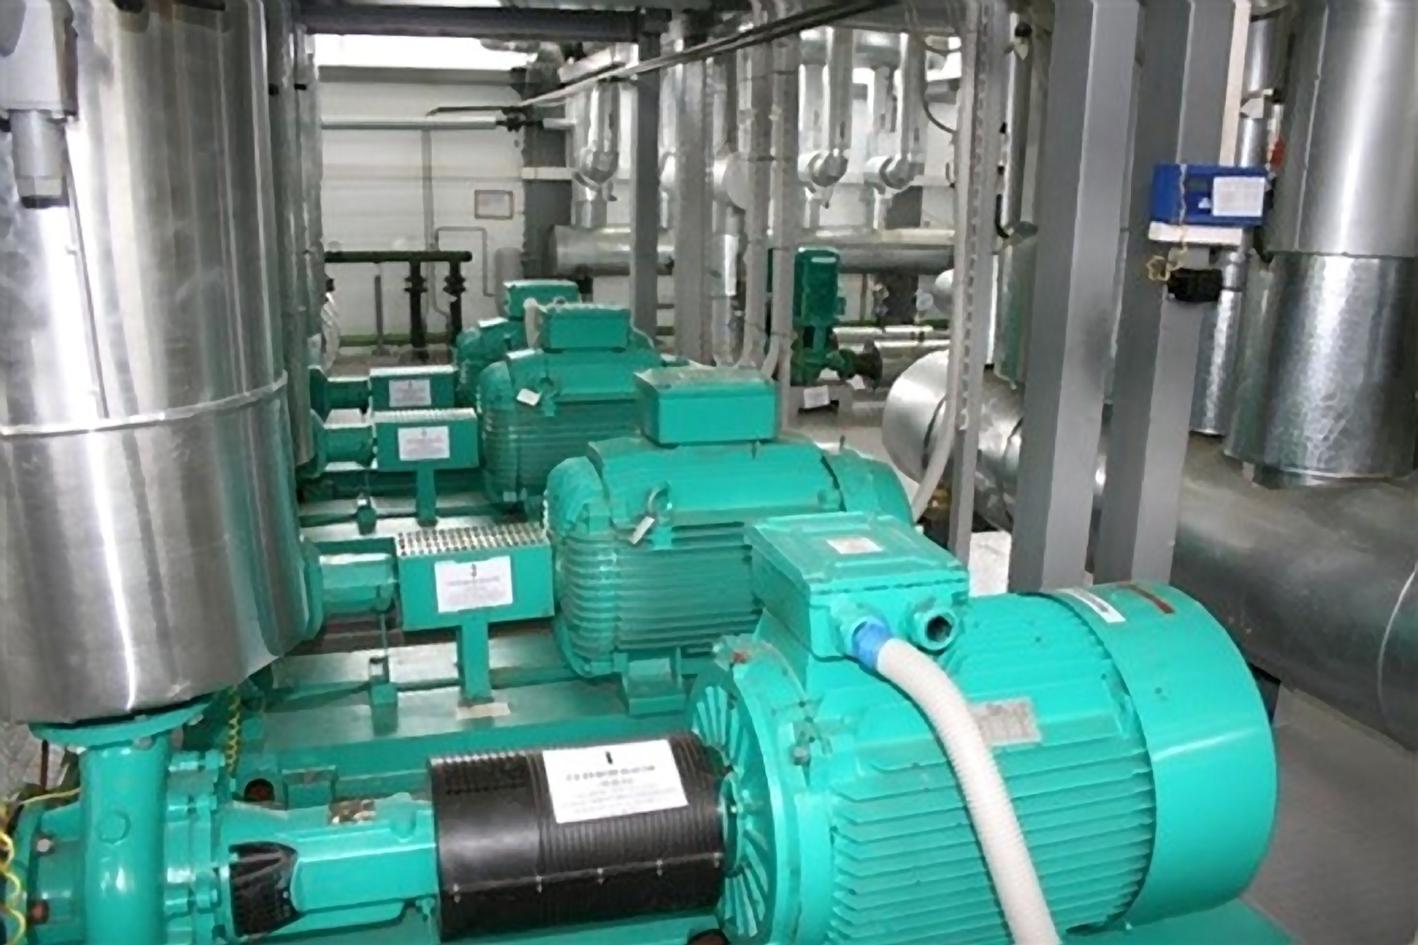 В котельной ртищевского ремонтного депо внедряют энергосберегающие технологии